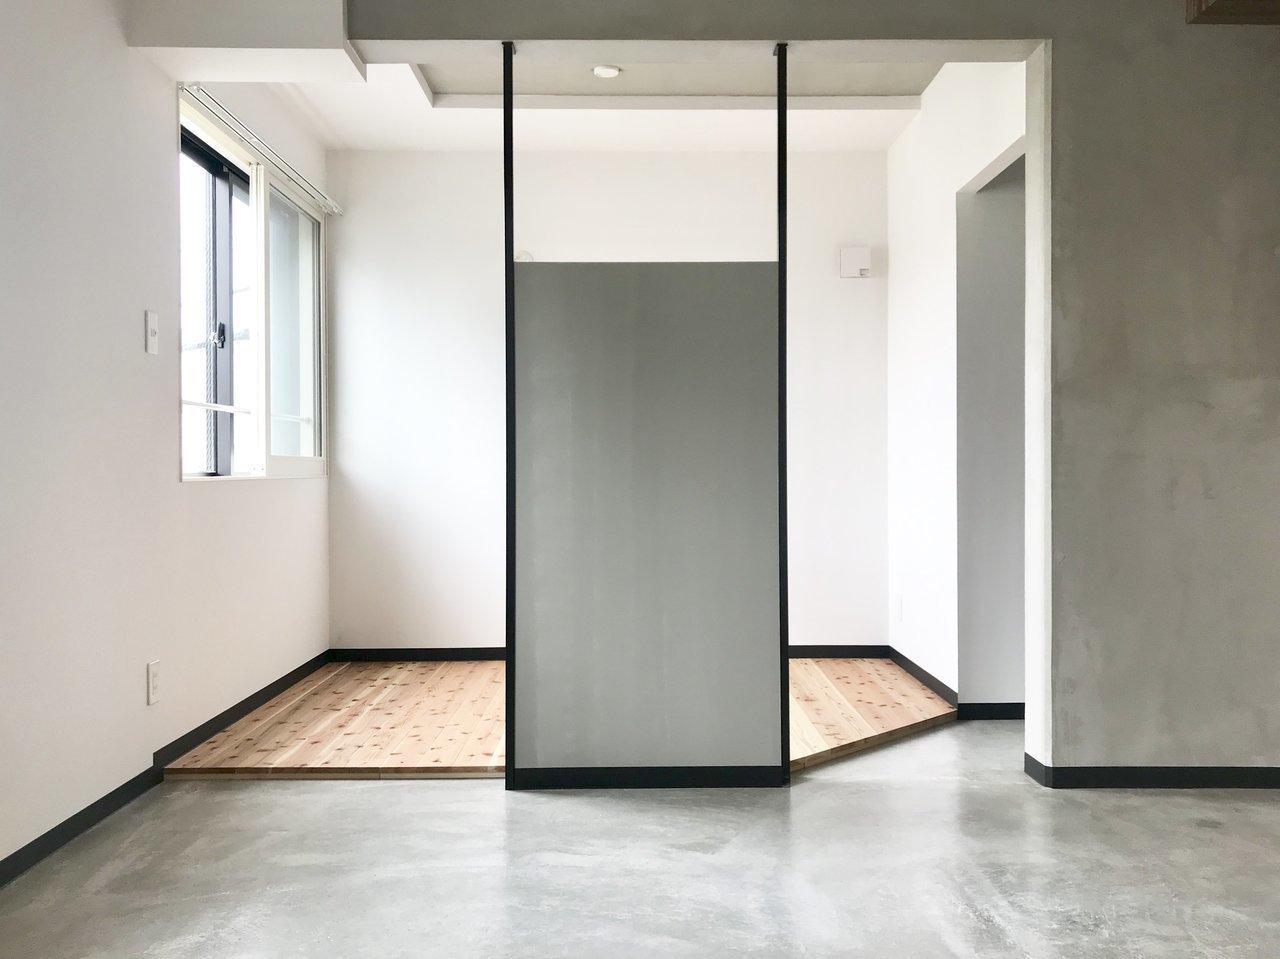 洋室とリビングを仕切るのは、扉もなく、カーテンでもない、この目隠しのみ。洋室の床には無垢材が使われているので、ローベッドか、もしくは布団での生活もいいかもしれません。キッチンも、寝室も、どちらも仕切りがないので、全体的に開放感のあふれるこのお部屋。おすすめです!